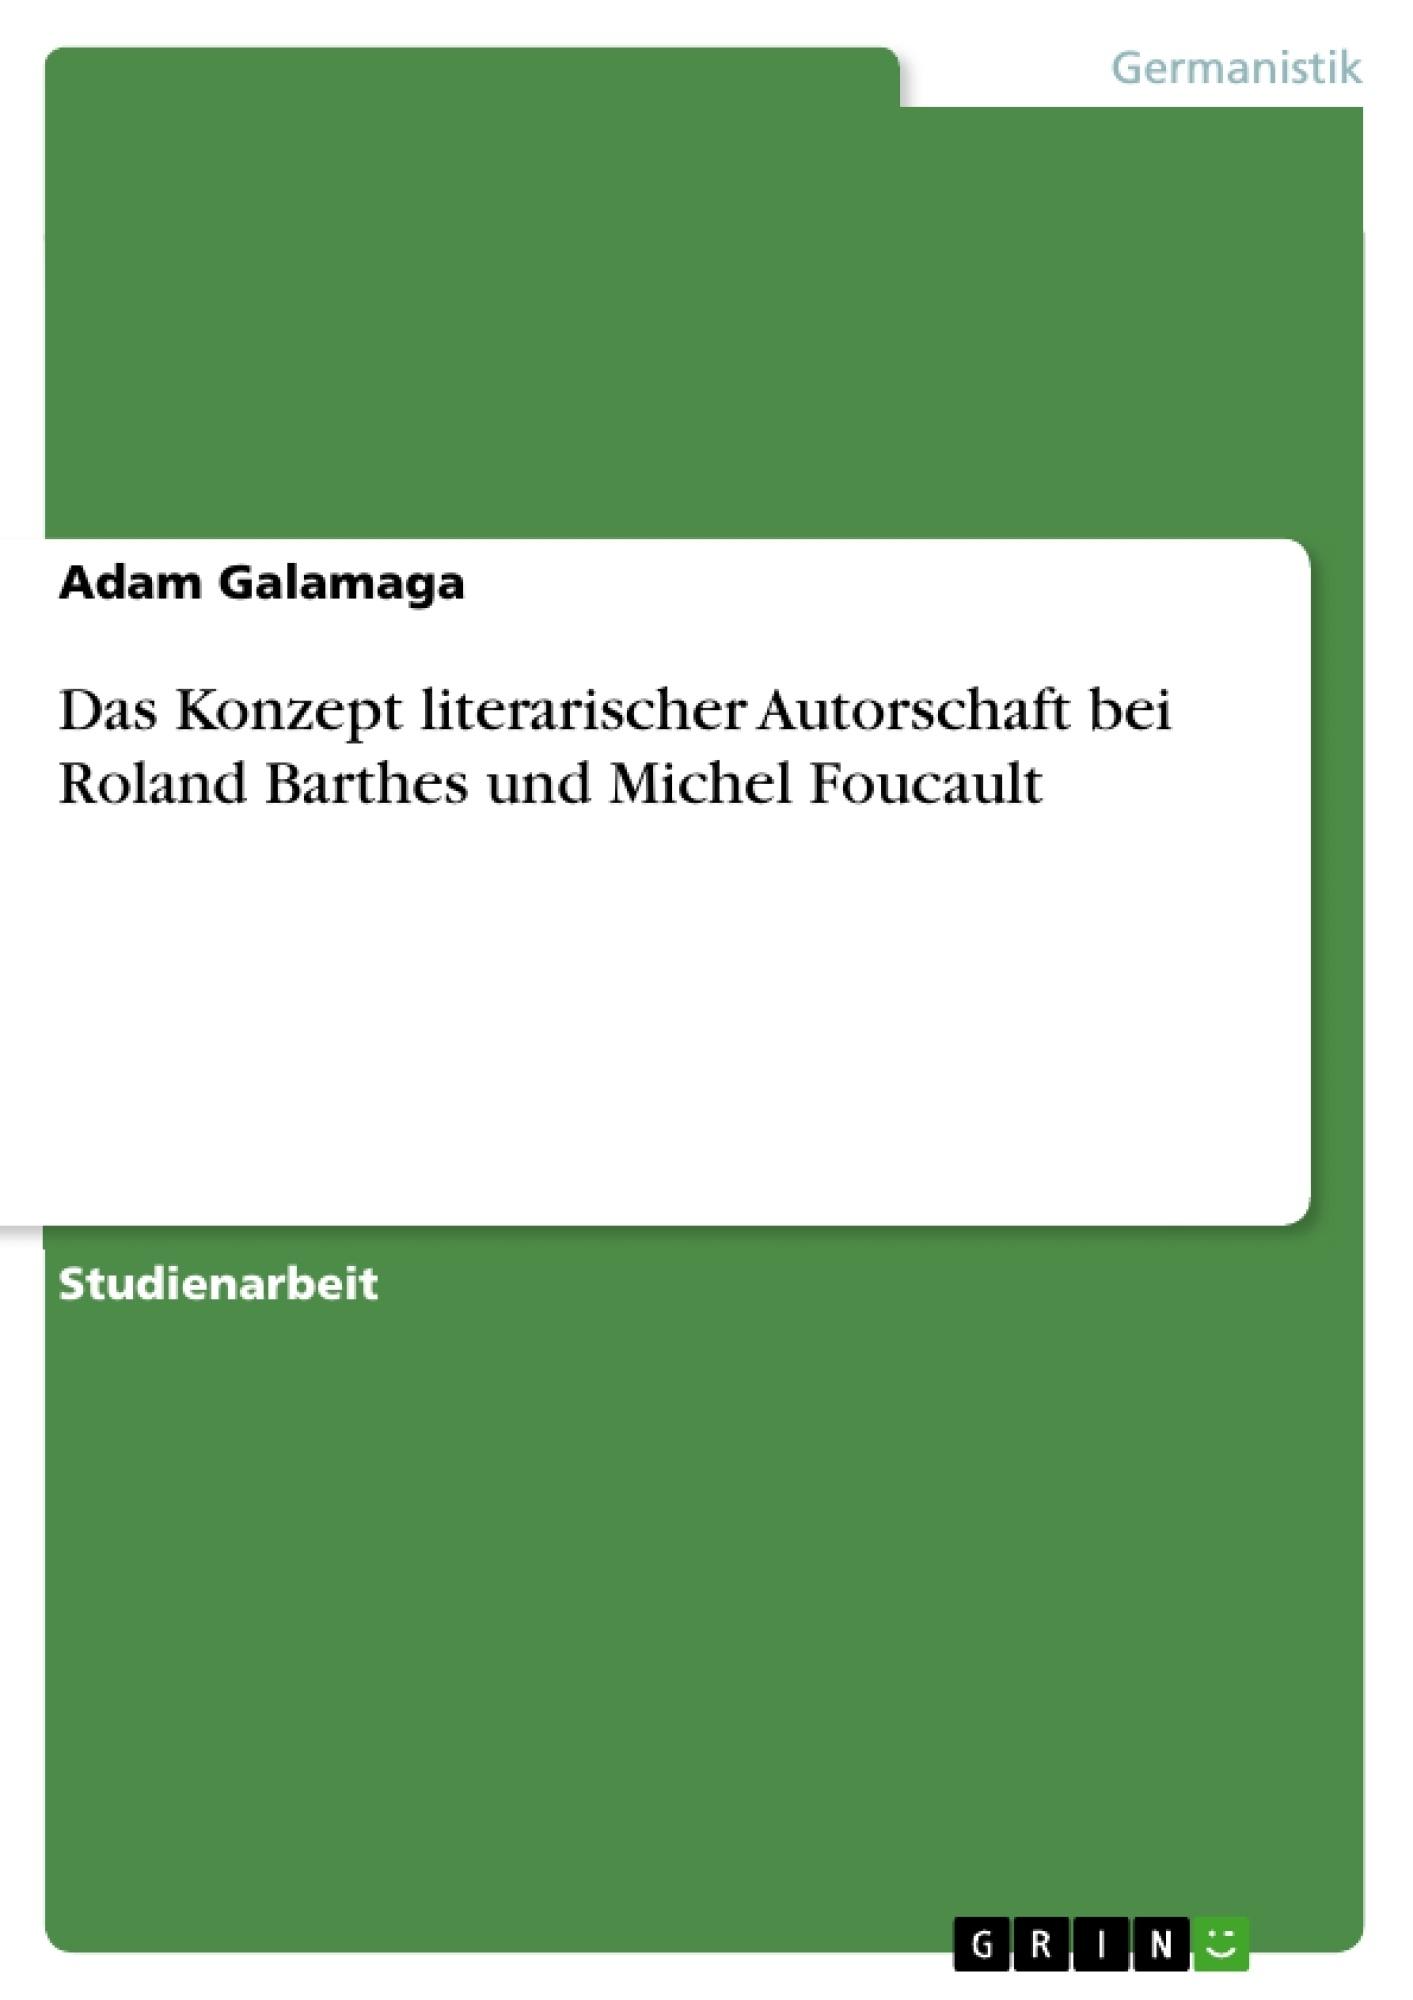 Titel: Das Konzept literarischer Autorschaft bei Roland Barthes und Michel Foucault